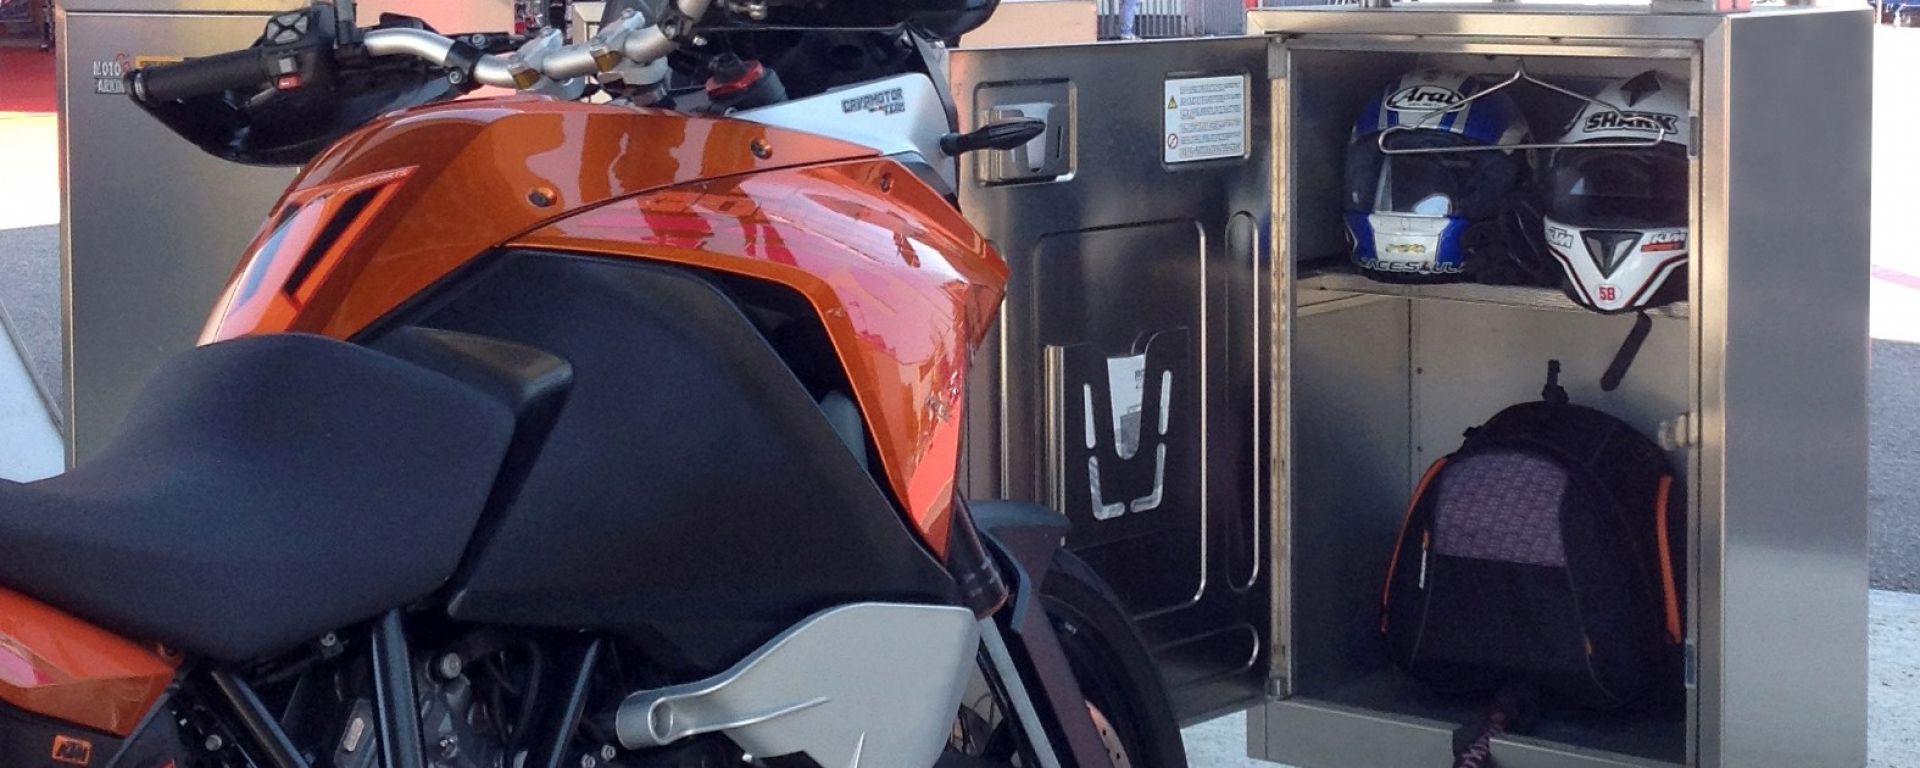 MotoParking, il parcheggio intelligente